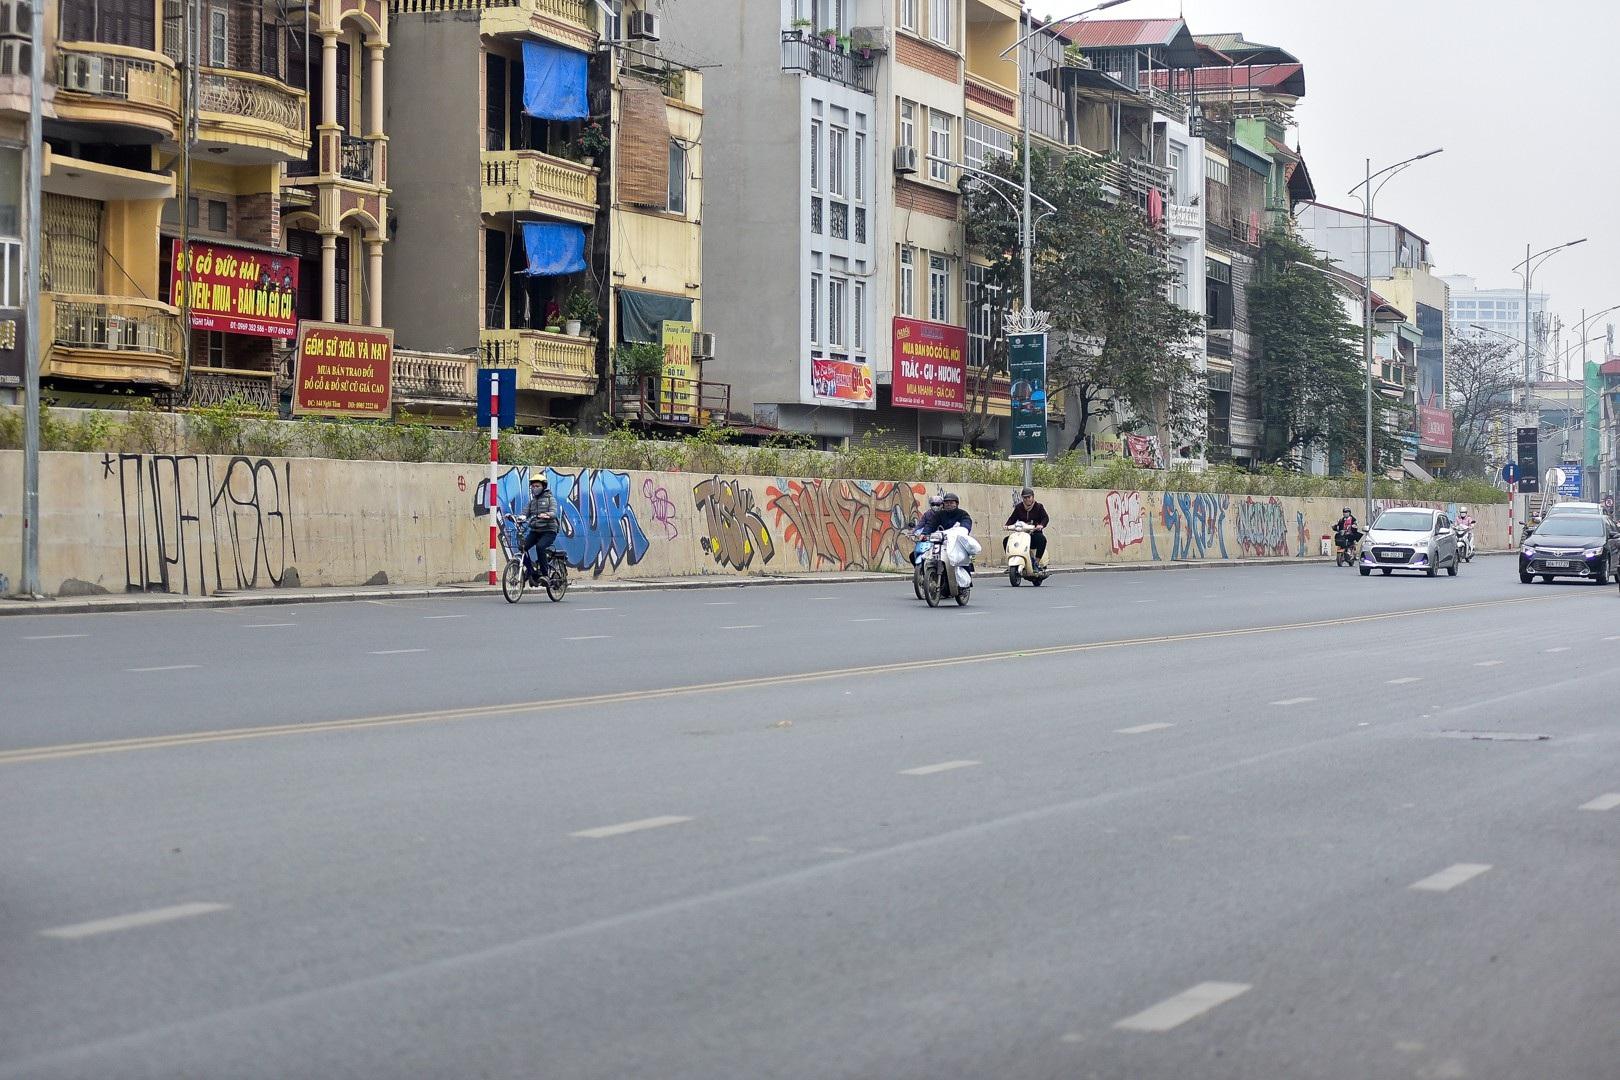 Vẽ graffiti kín tuyến đường tiền tỷ mới mở rộng ở Hà Nội - Ảnh 2.